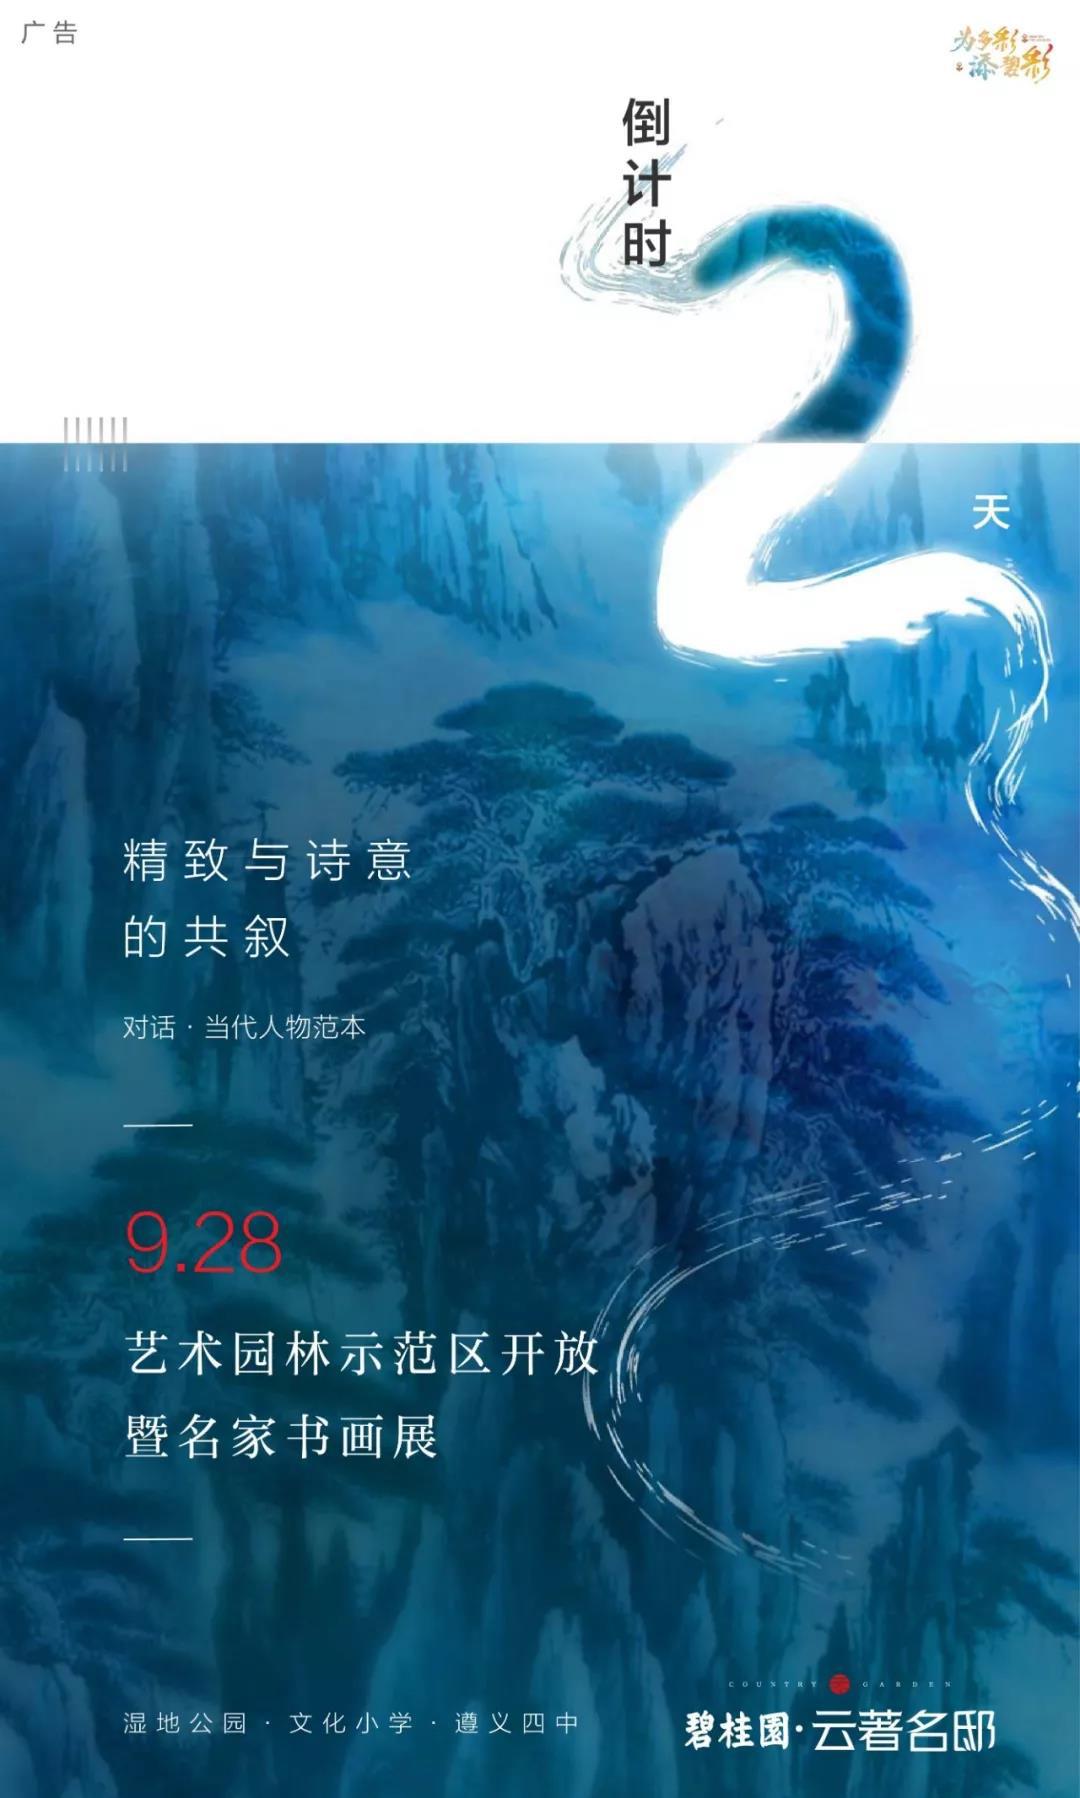 碧桂园·云著名邸 | 艺术园林示范区开放倒计时2天!-中国网地产